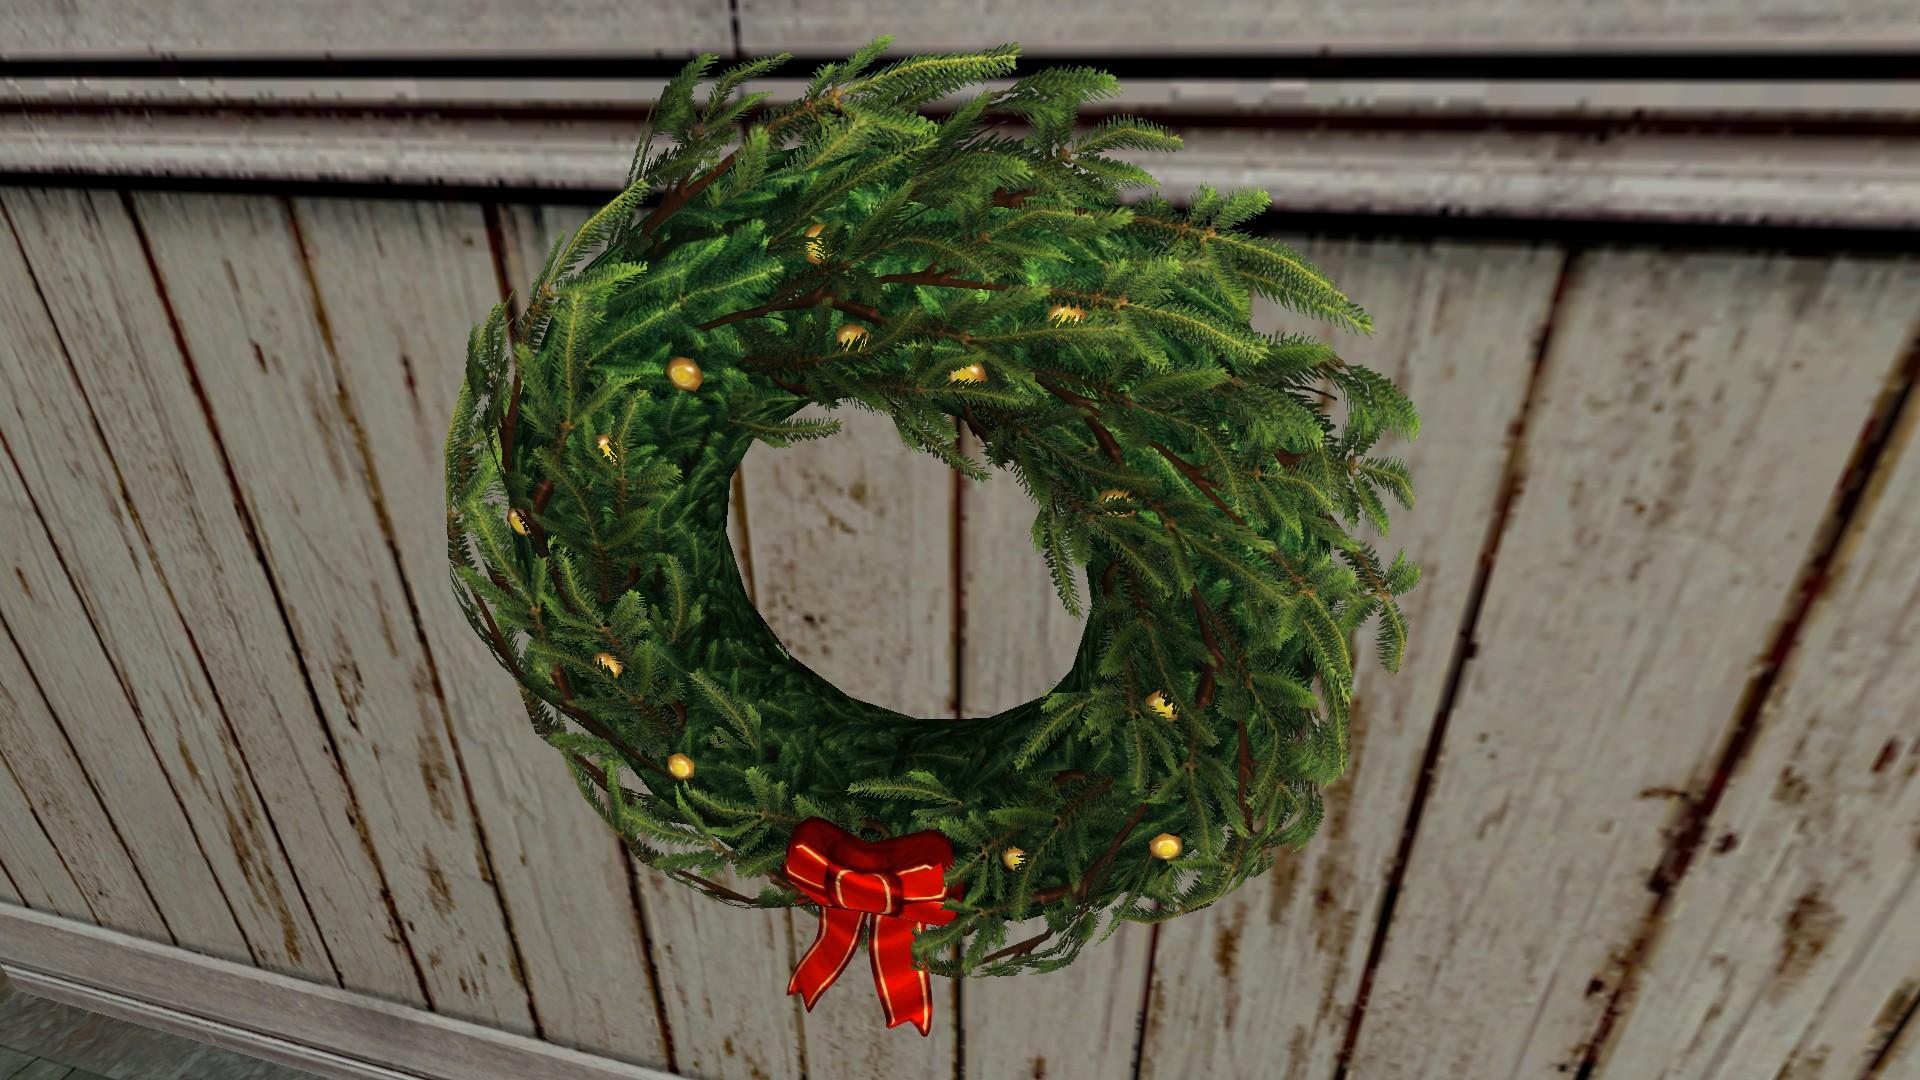 Large Yule Wreath